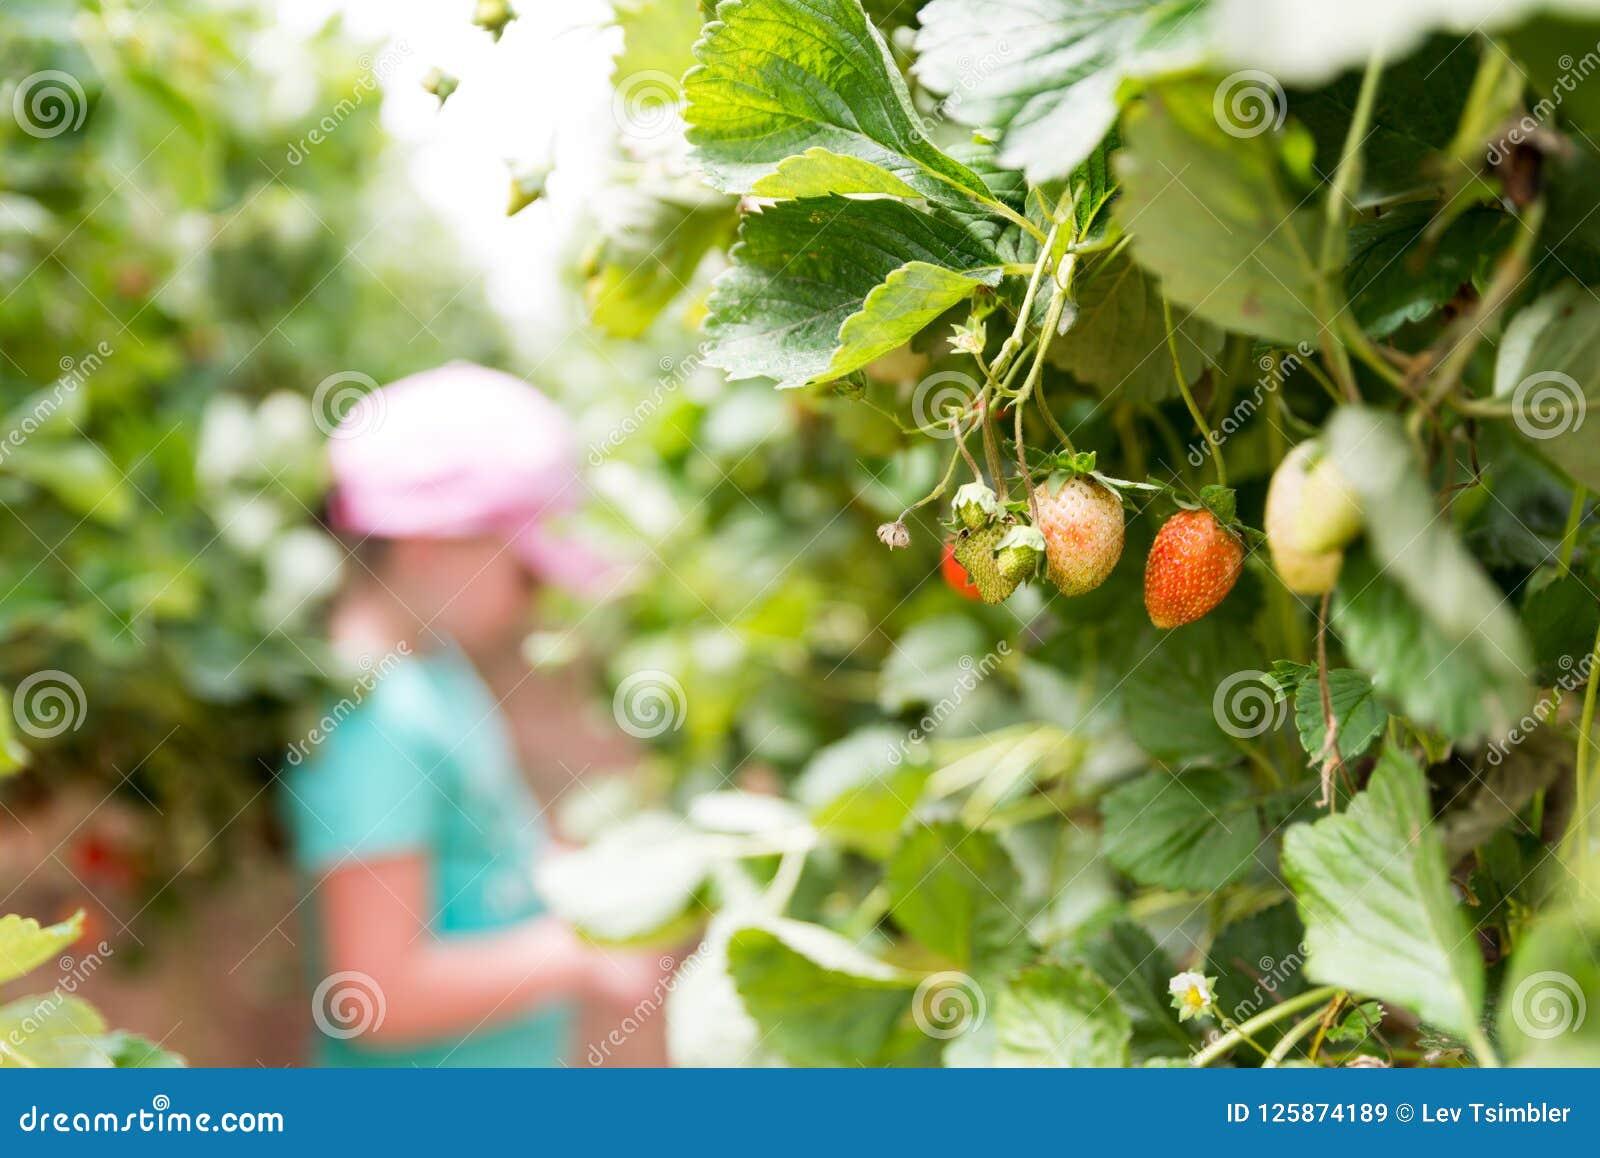 在Agronen莓的自已采摘在盖代拉